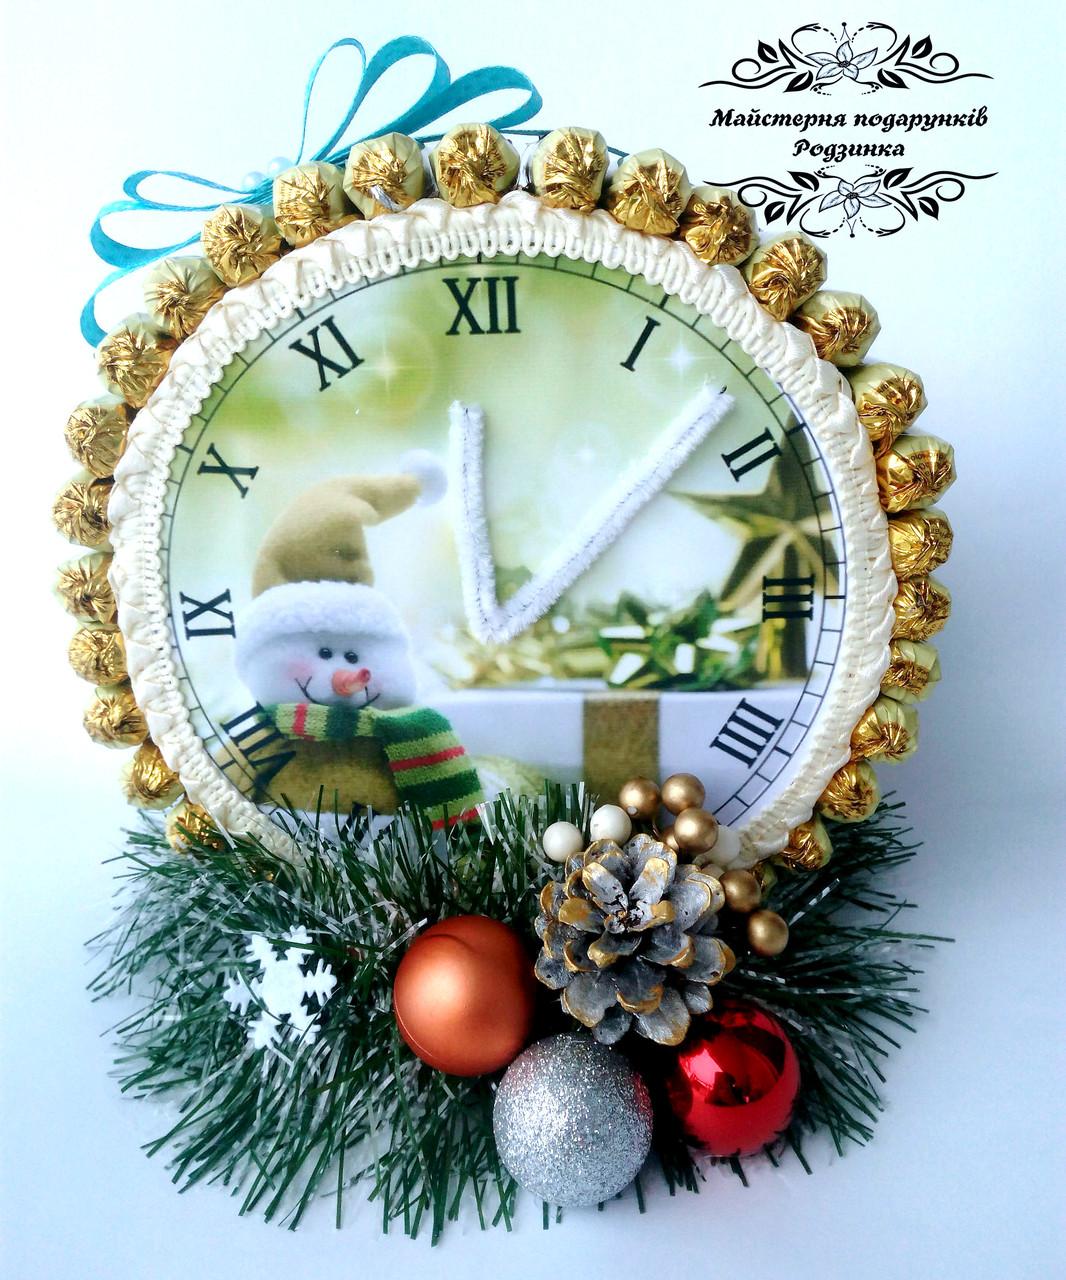 Новорічний годинник із цукерок. Новорічні подарунки. Корпоративні подарунки на Миколая, Новий рік. Різдво